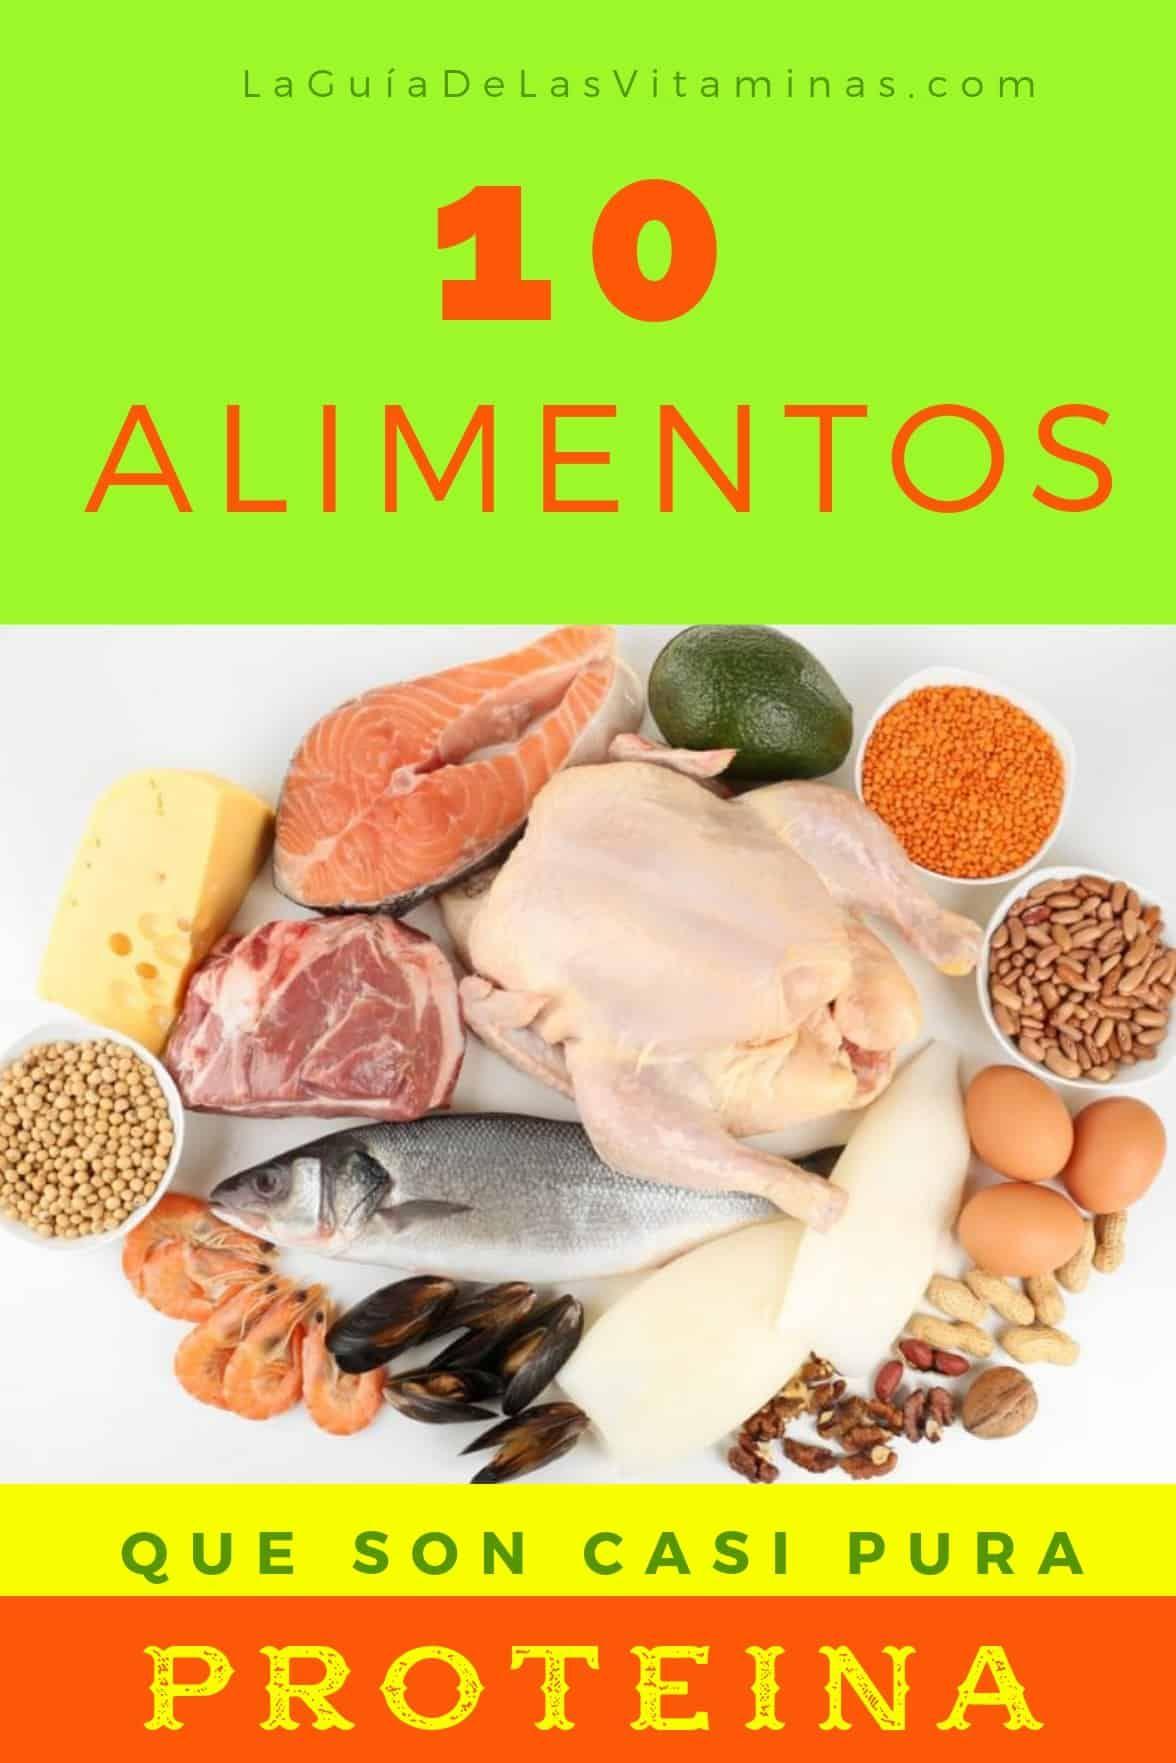 que comidas son ricas en proteinas y vitaminas